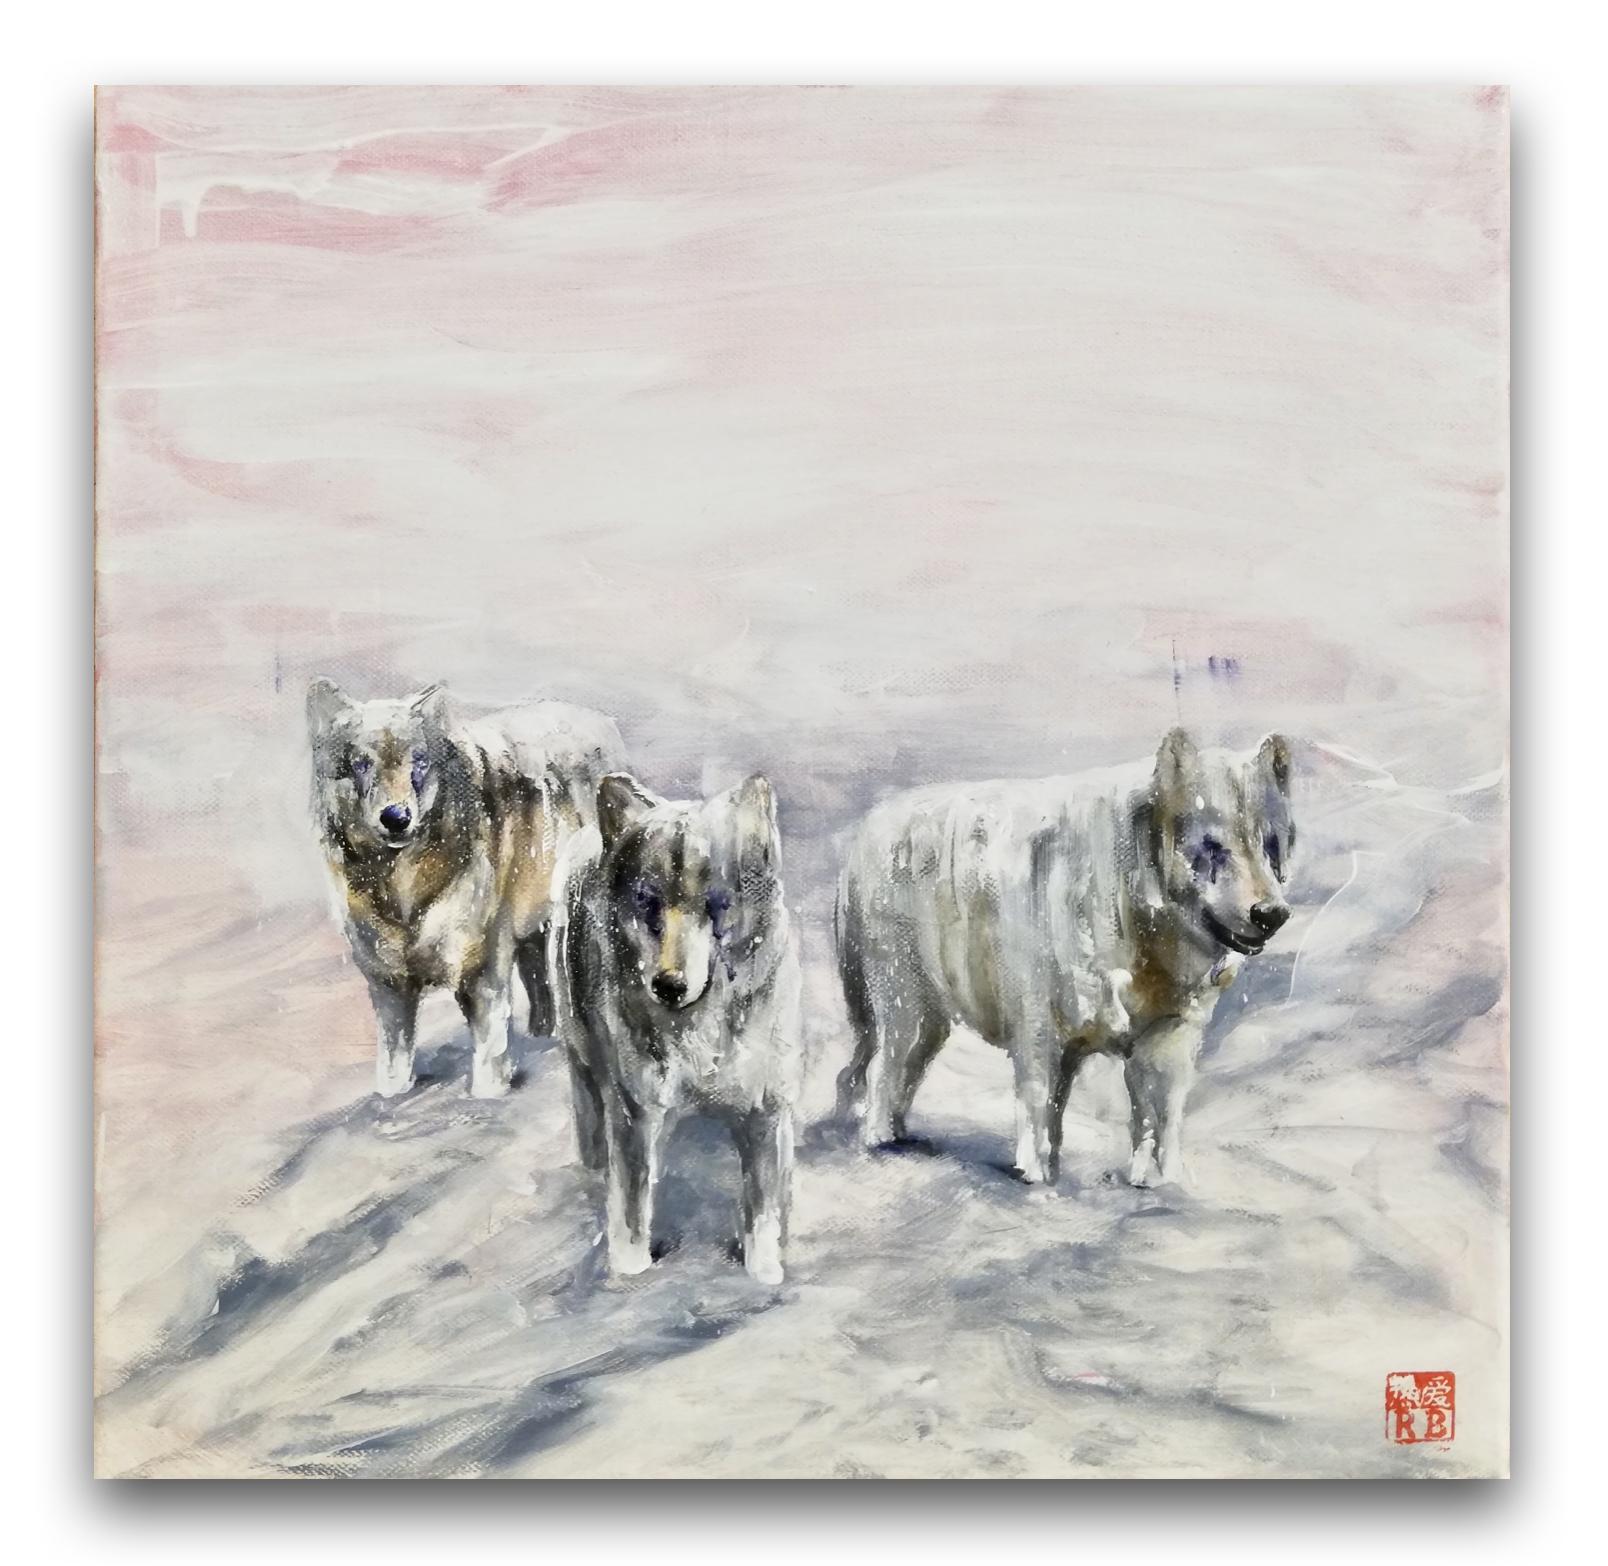 Zasnežení vlci, 40x40 cm, olej na plátne